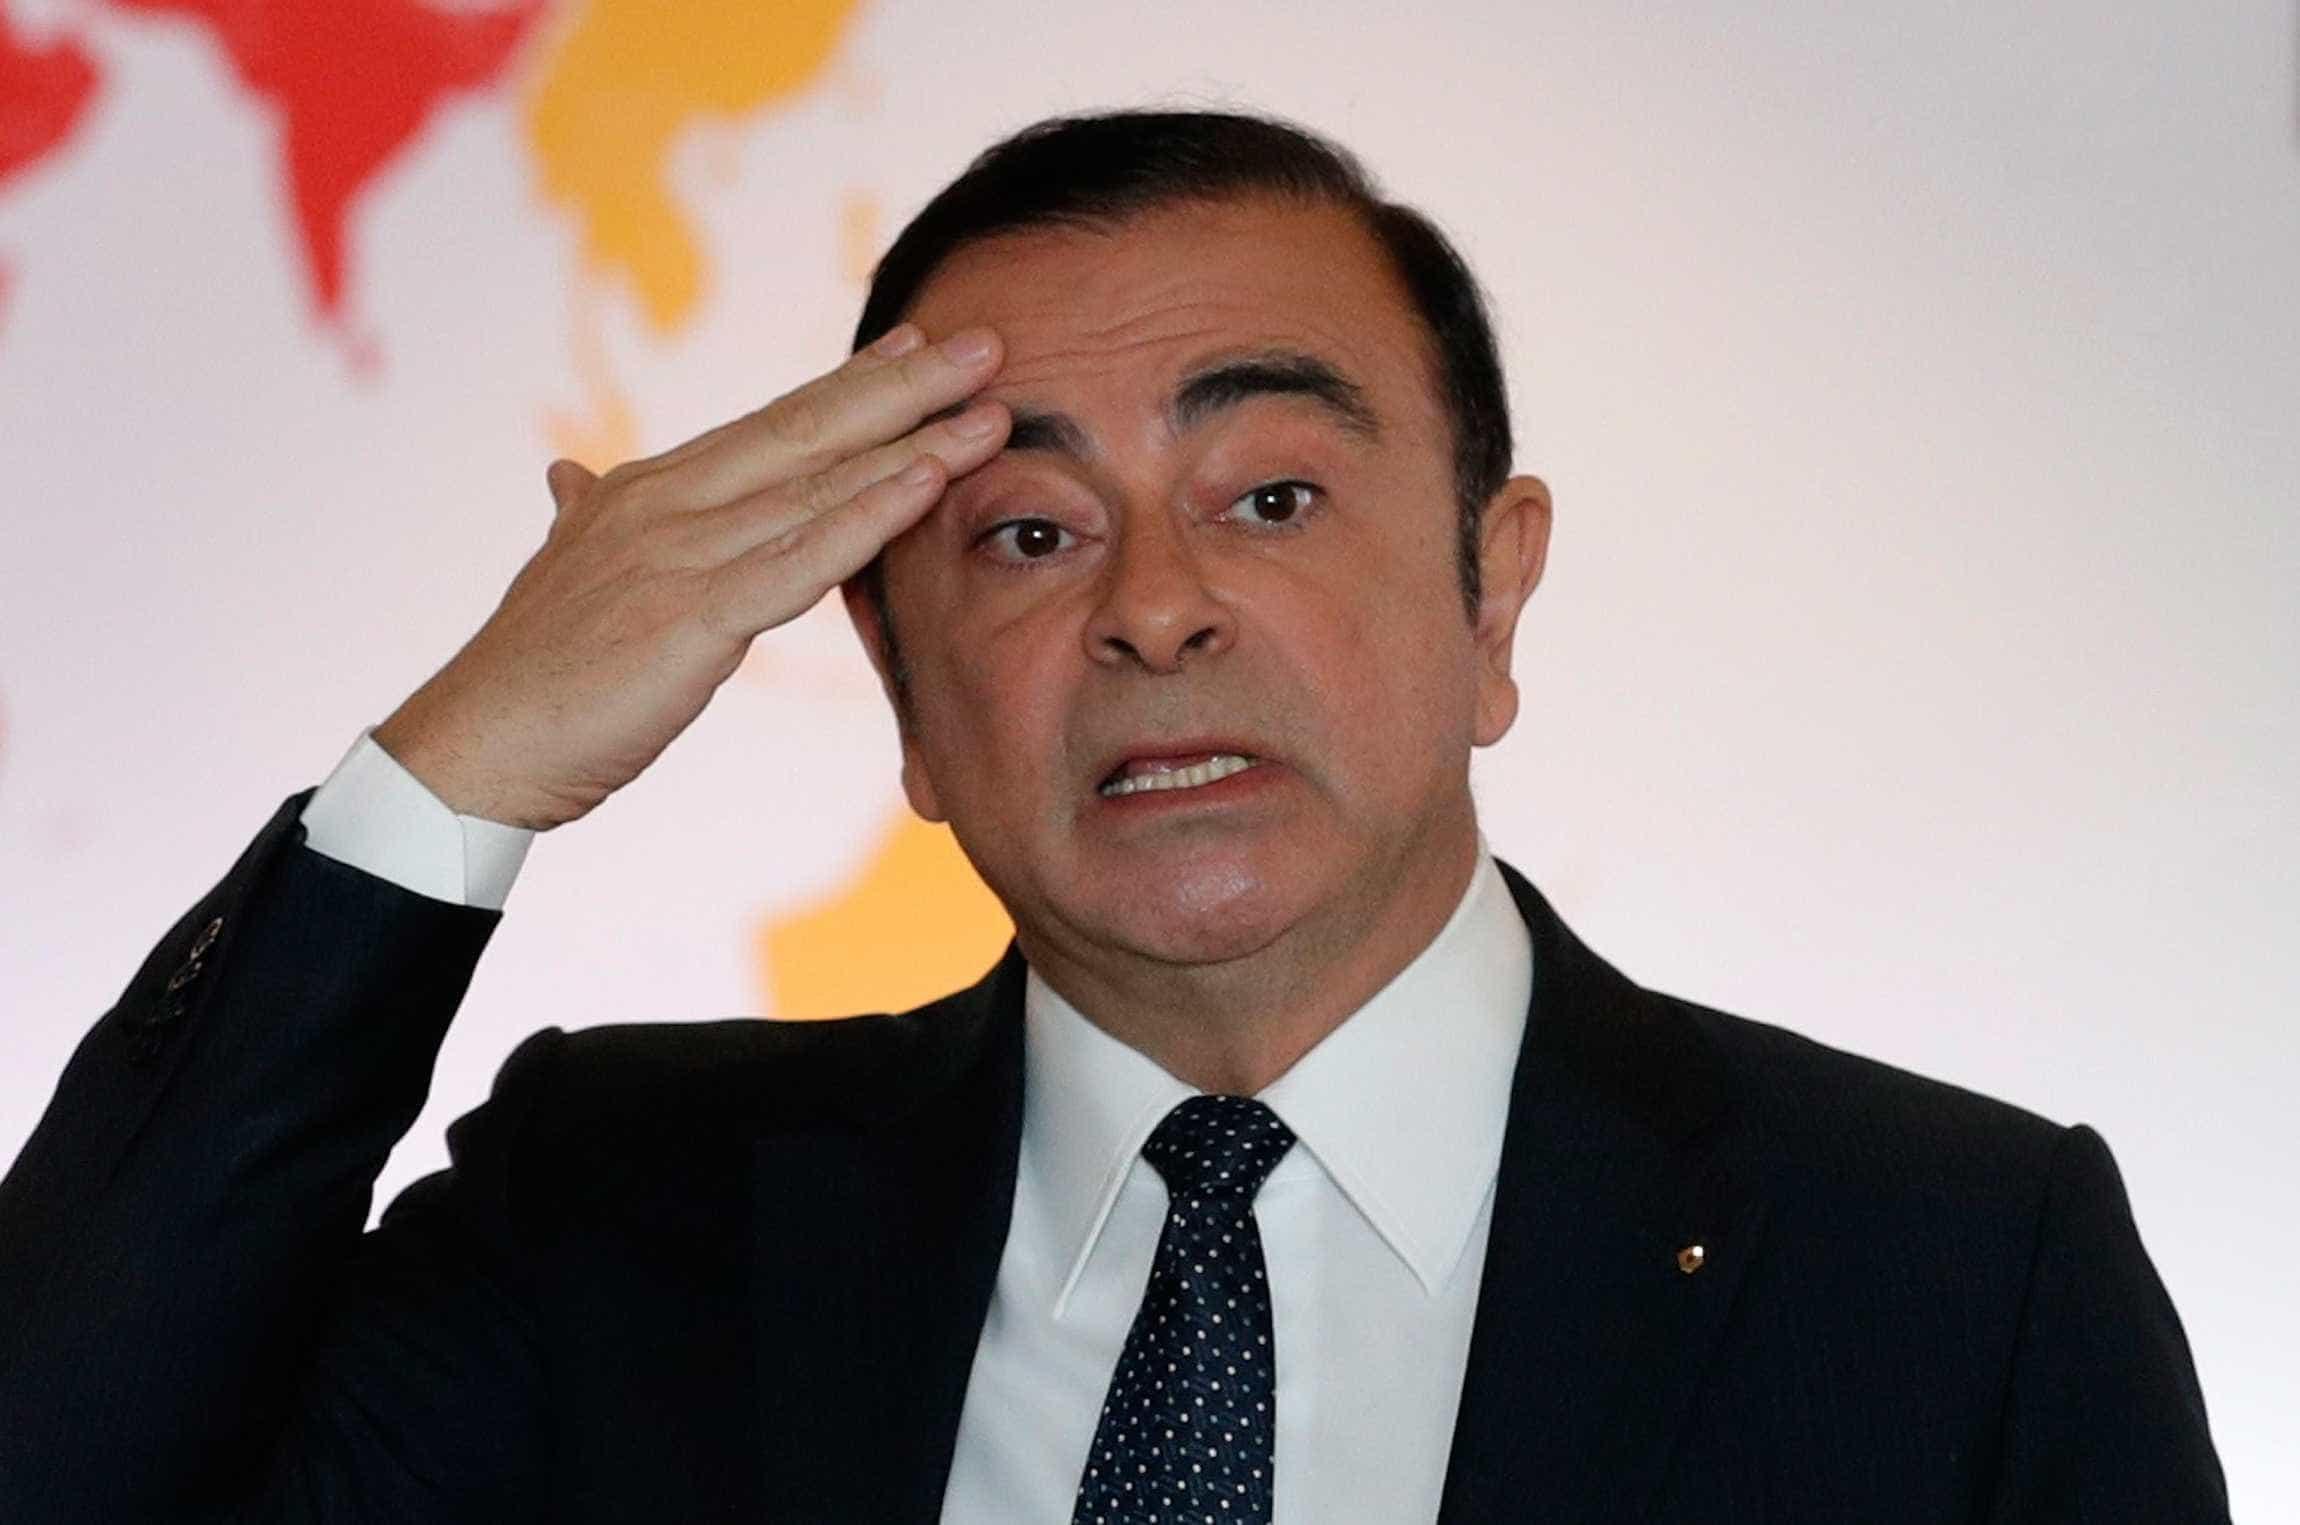 Carlos Ghosn pede para ser libertado sob fiança e promete não fugir